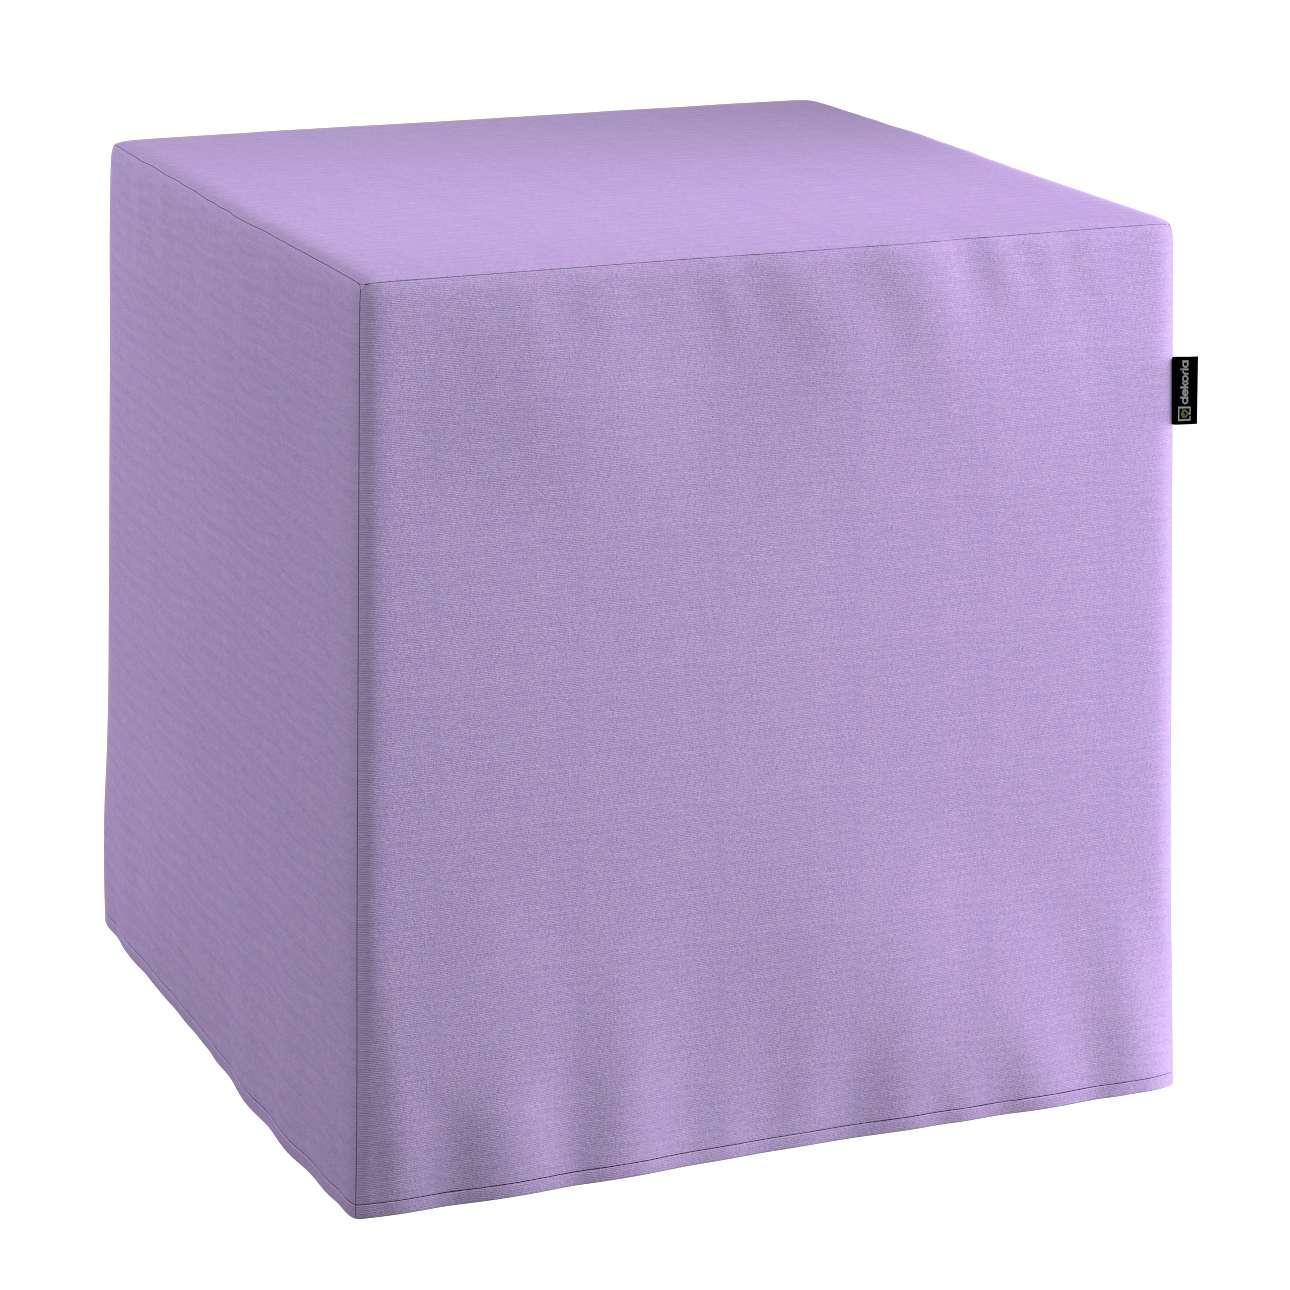 Sedák Cube - kostka pevná 40x40x40 v kolekci Jupiter, látka: 127-74